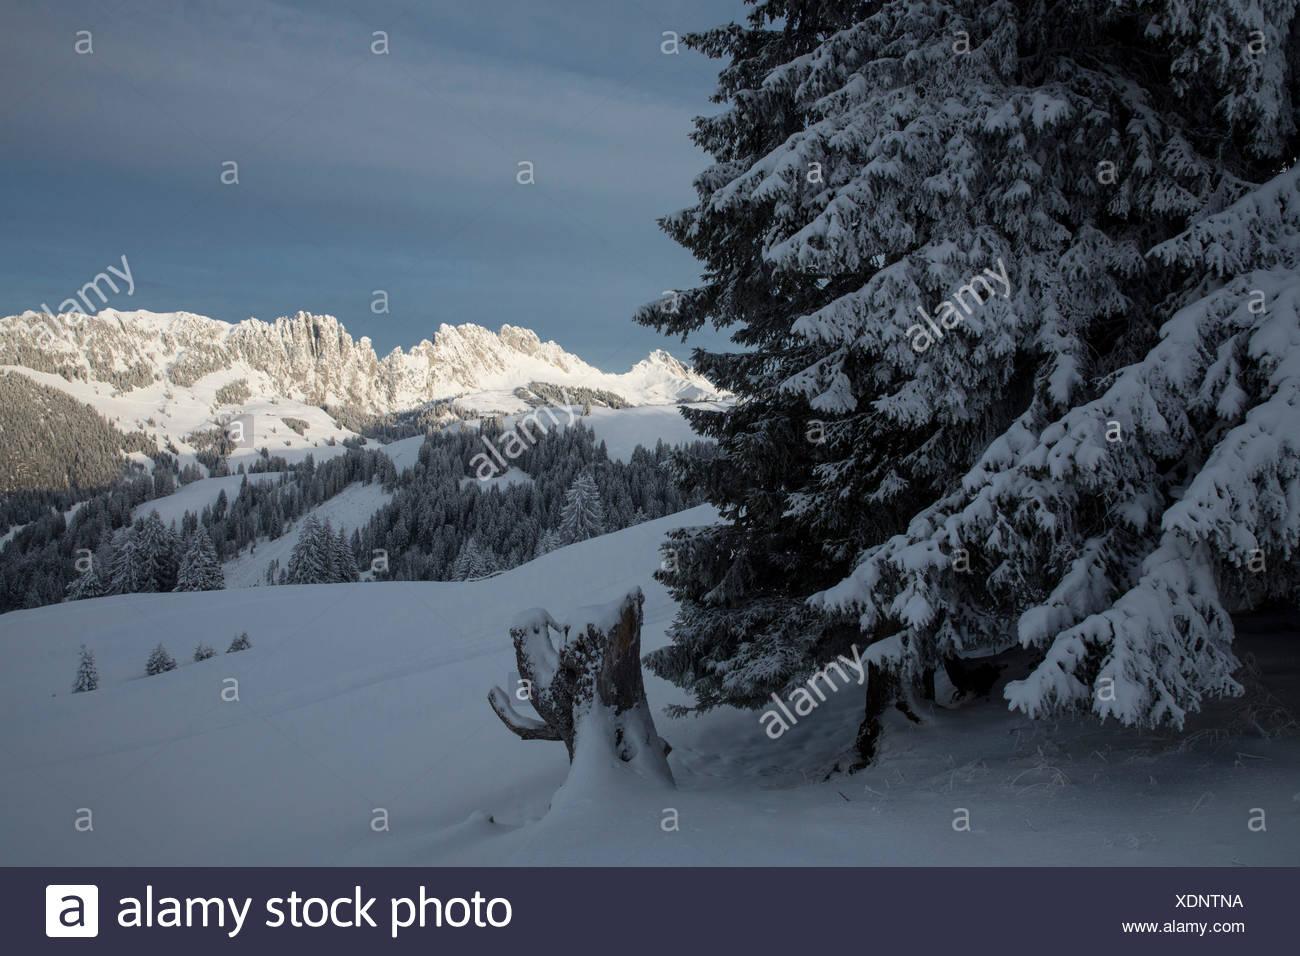 Gastlosen, Jaunpass, mountain, mountains, winters, canton Bern, tree, trees, Switzerland, Europe, - Stock Image